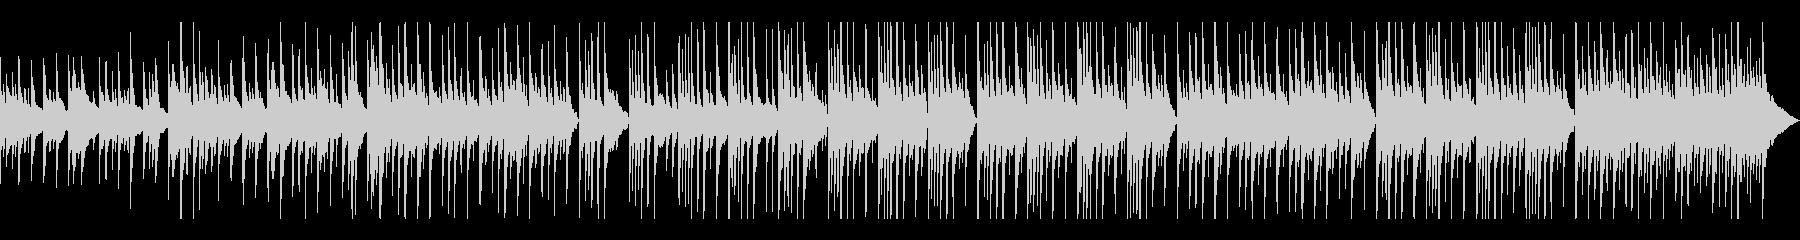 悲しくて切ないピアノバラードの未再生の波形